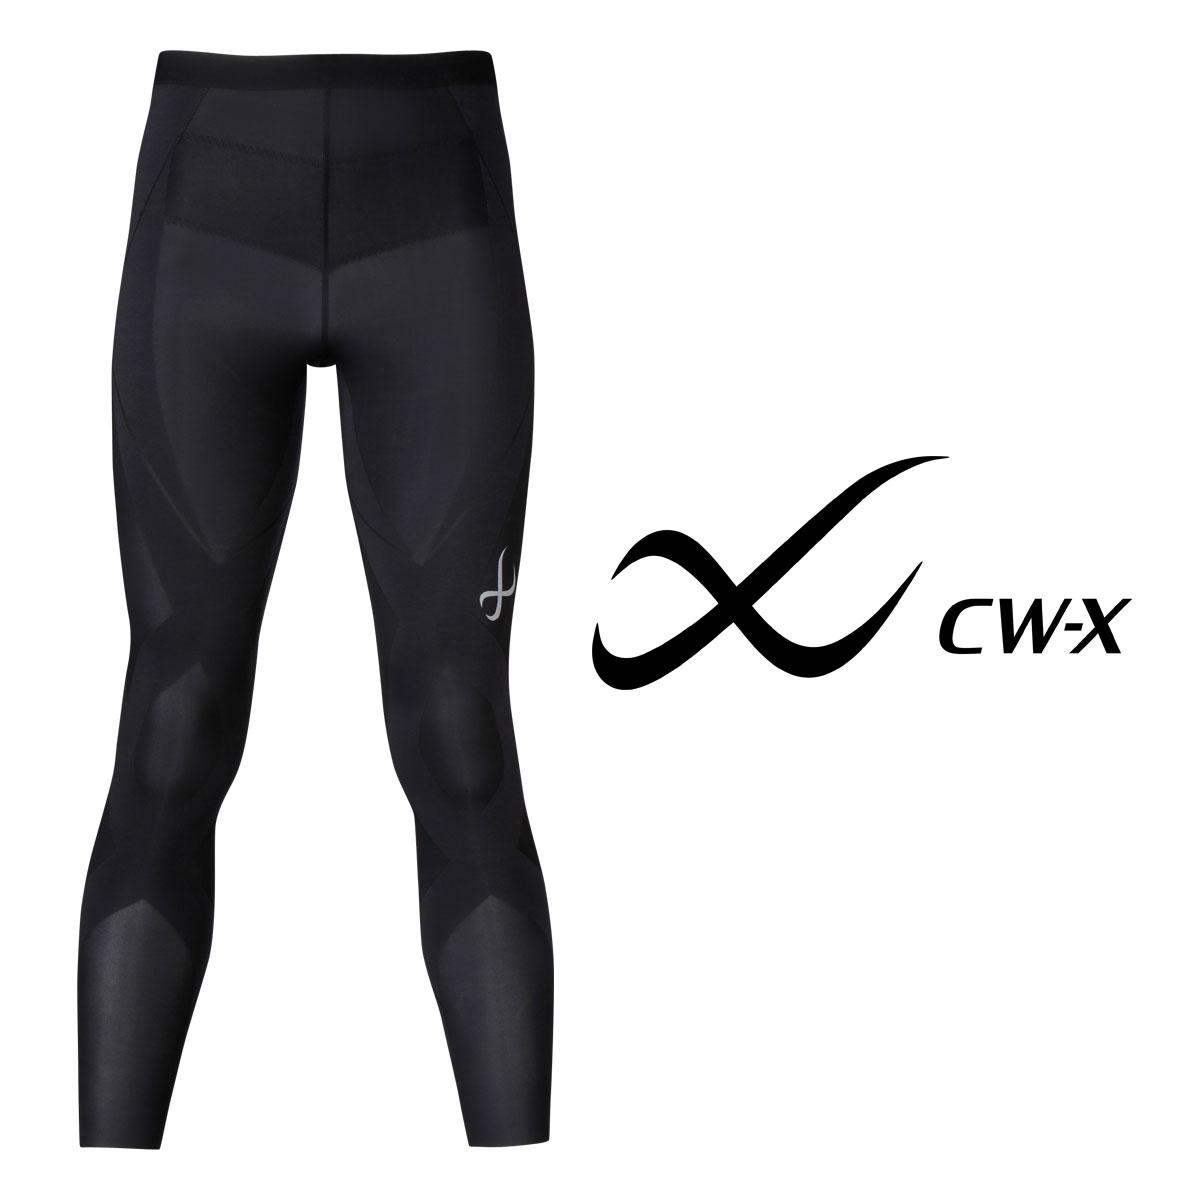 【25%OFF】ワコール CW-X スポーツタイツ ジェネレーターモデル ロング メンズ 全3色 S/M/L HZO699